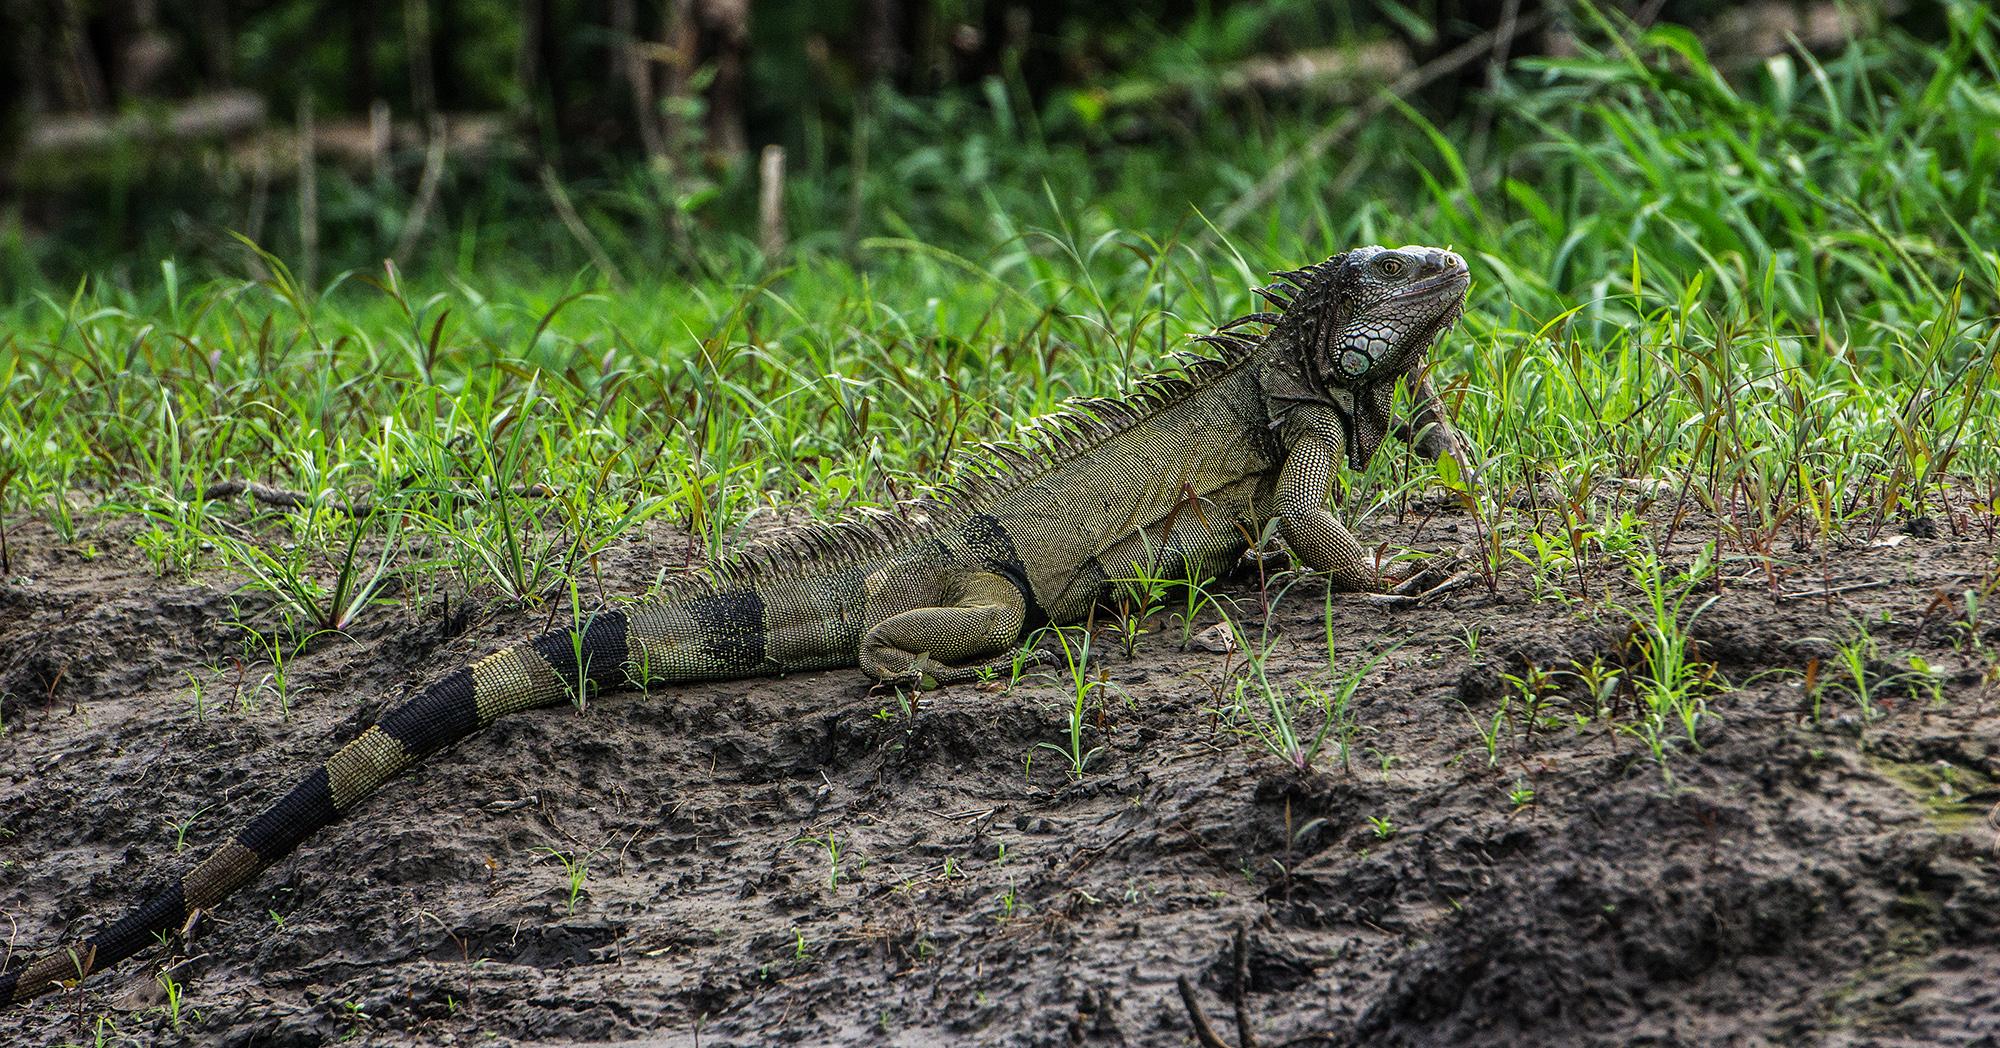 Colombia, Rio Magdalena, iguana